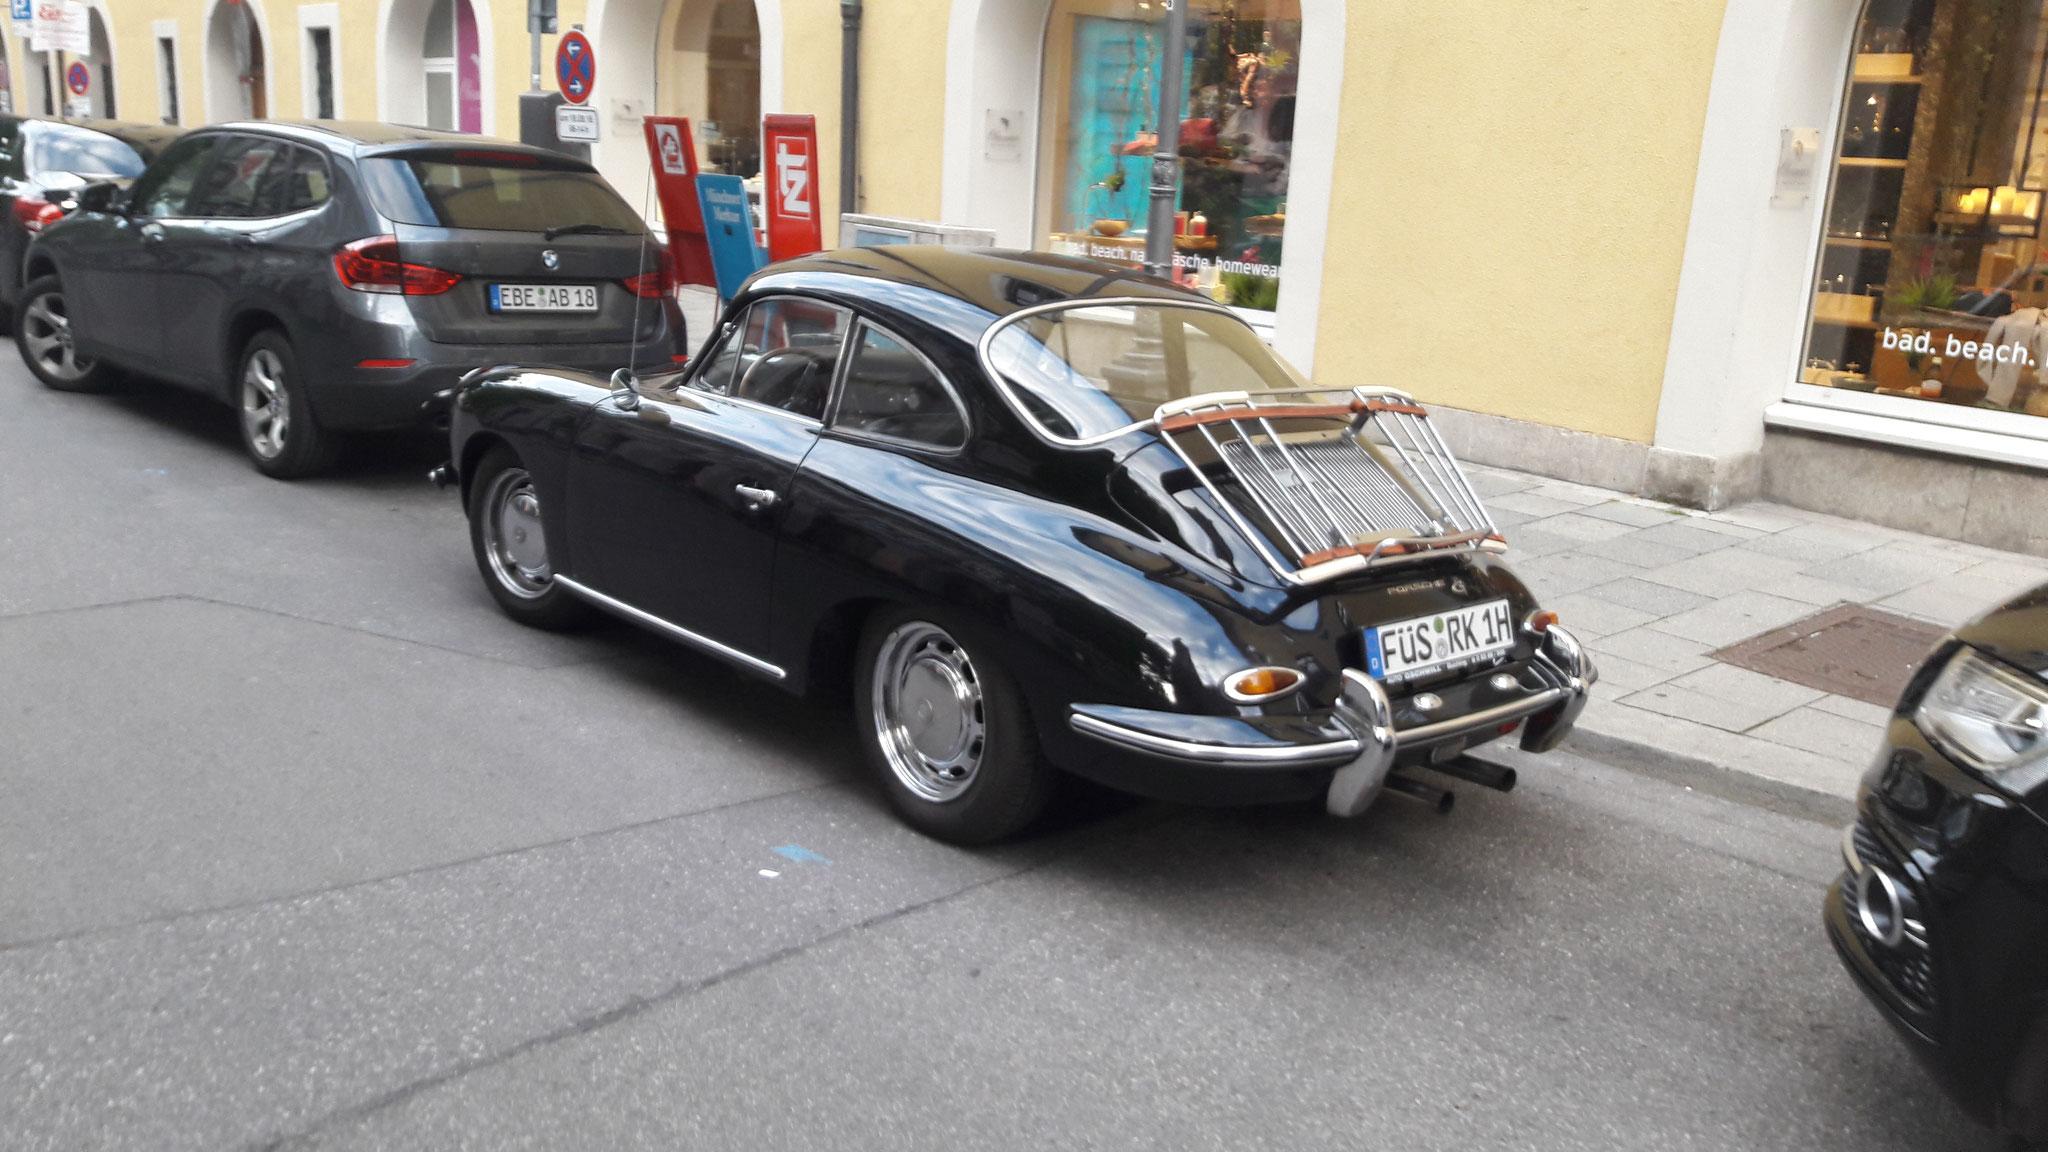 Porsche 356 1600 - FÜS-RK-1H